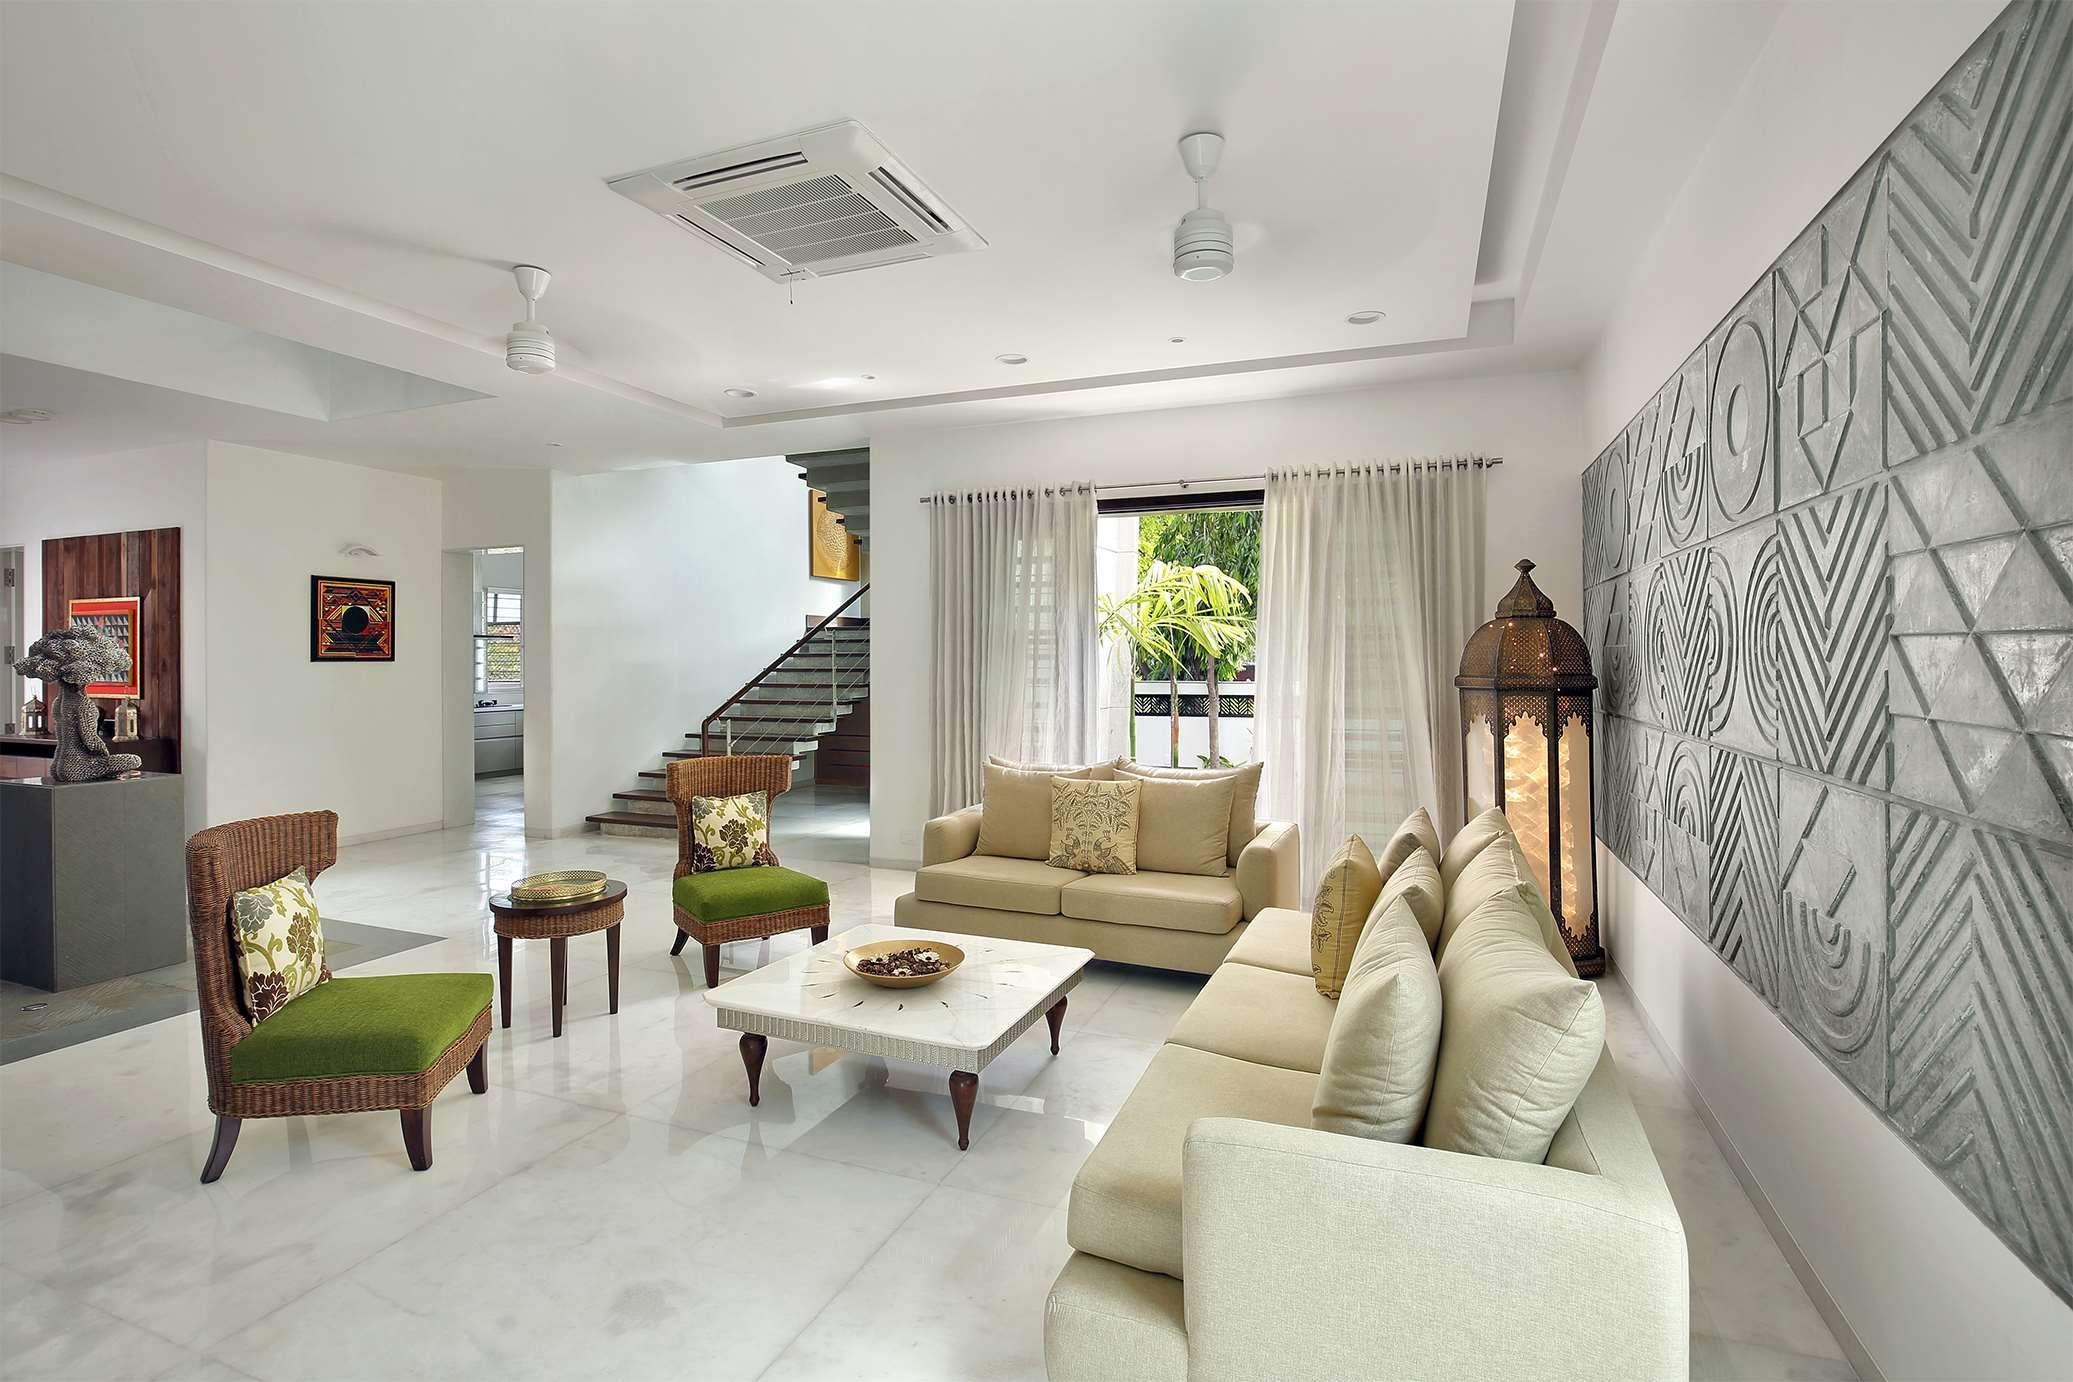 Home interior designers in chennai pin lisääjältä ruchi puri taulussa beau duecor  pinterest